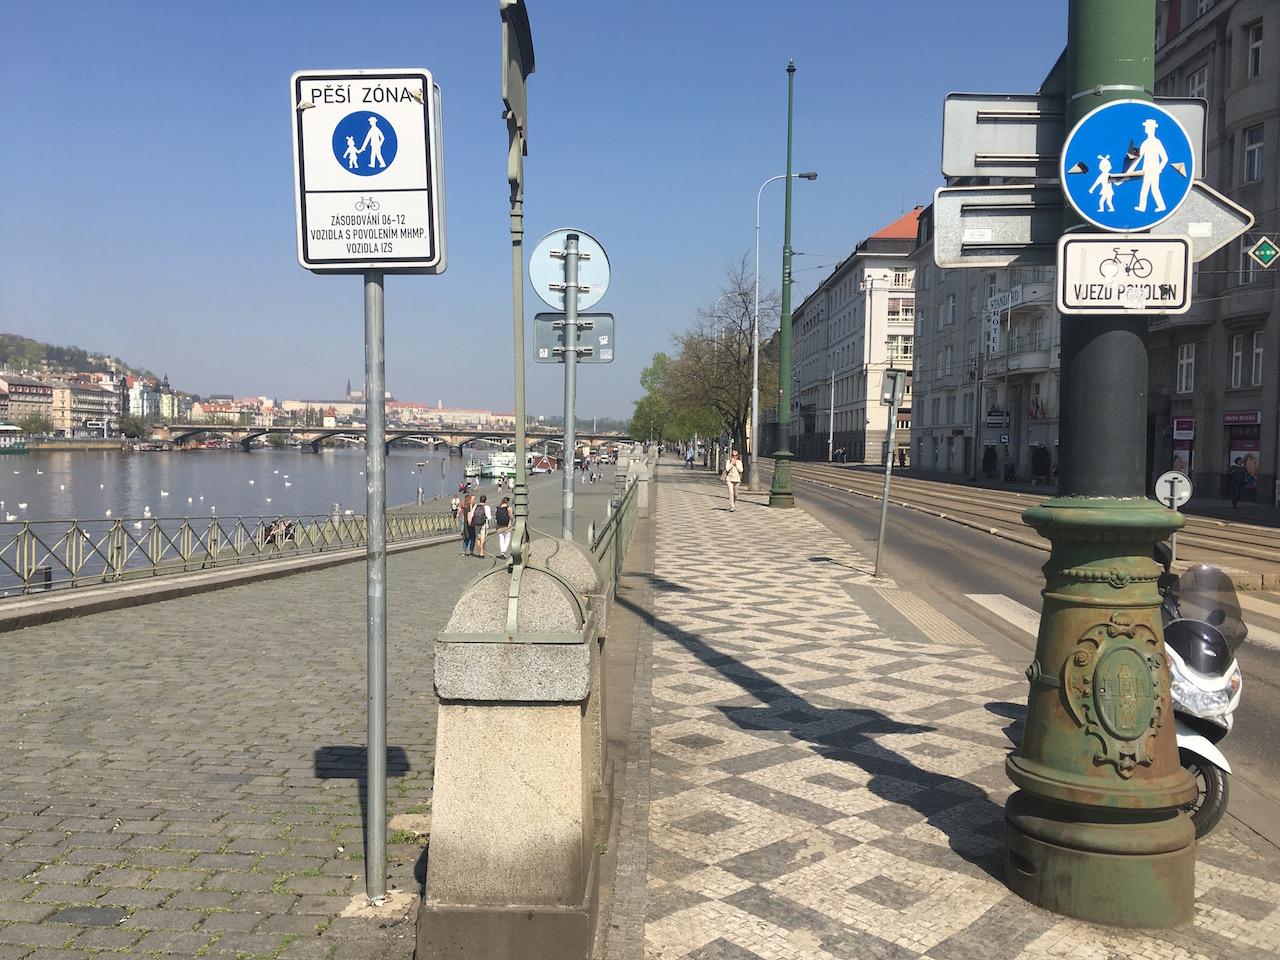 Náplavka u Výtoně. Nahoře je chodník, dole pěší zóna, obojí s pouze povoleným vjezdem cyklistů. Chodci tu mají přednost a cyklisté je nesmějí ohrozit. Což často nerespektují.